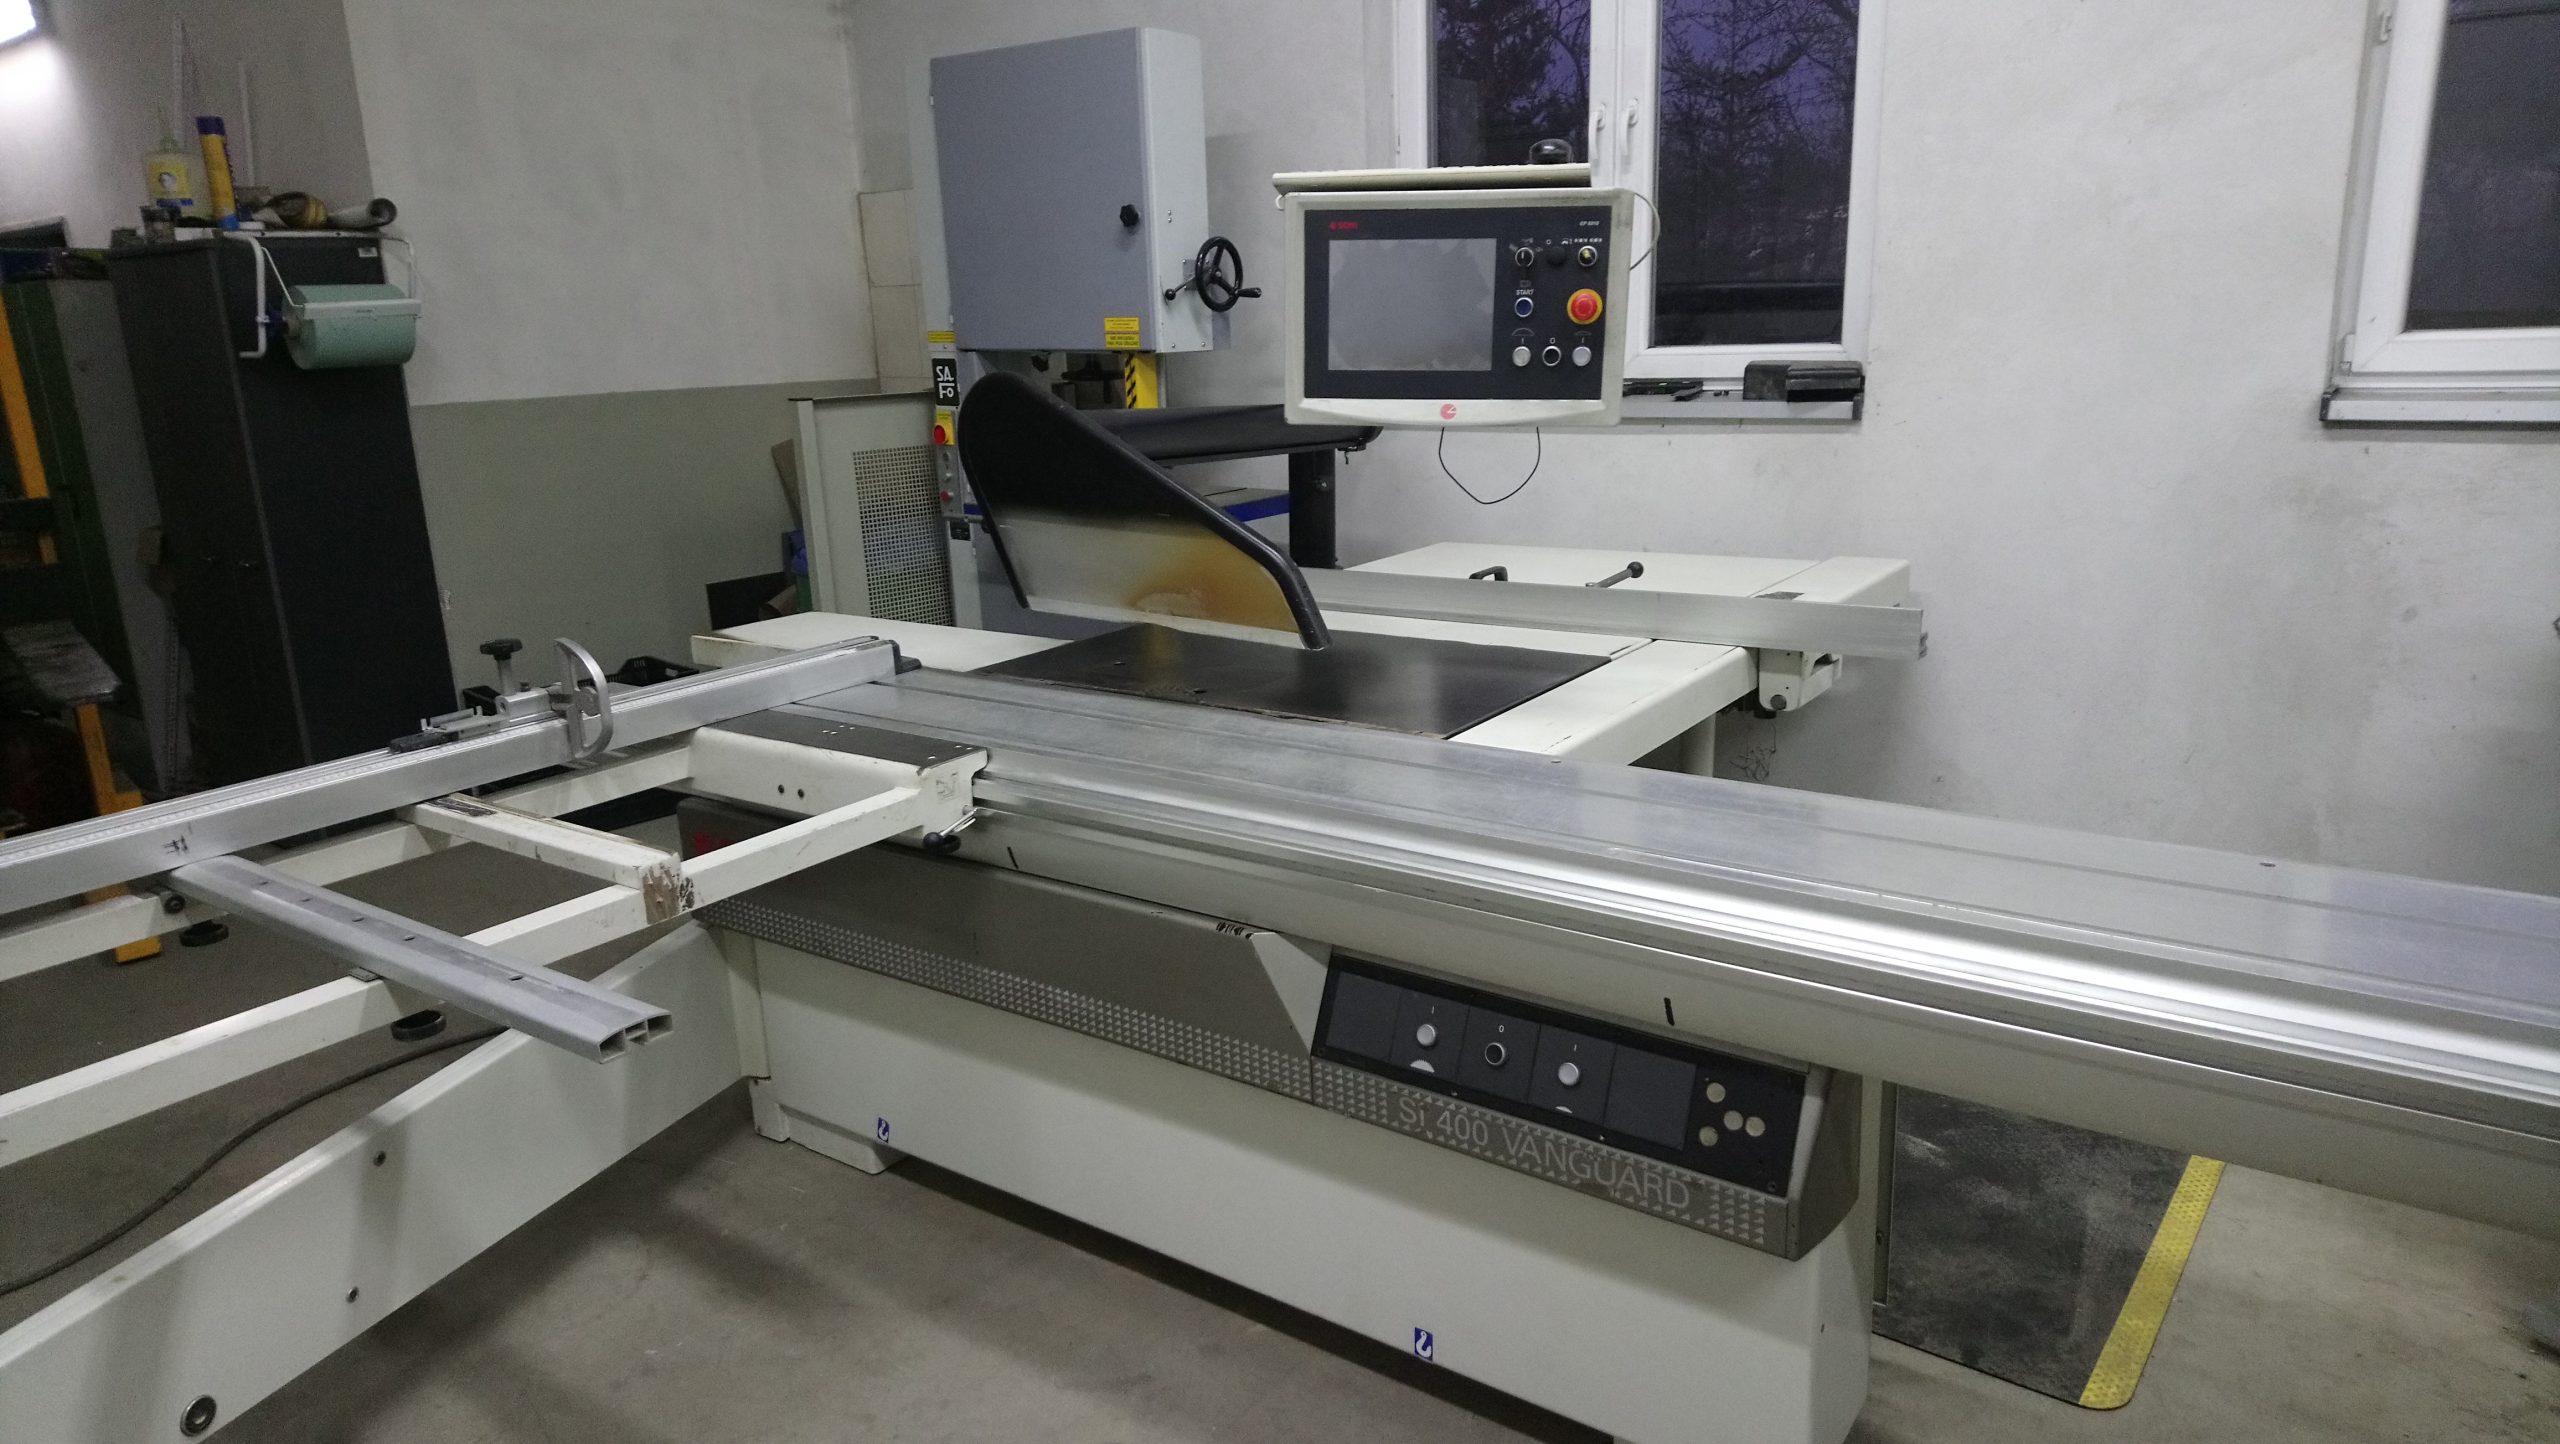 Pilarka Formatowa SCM typ SI-400 VANGUARD